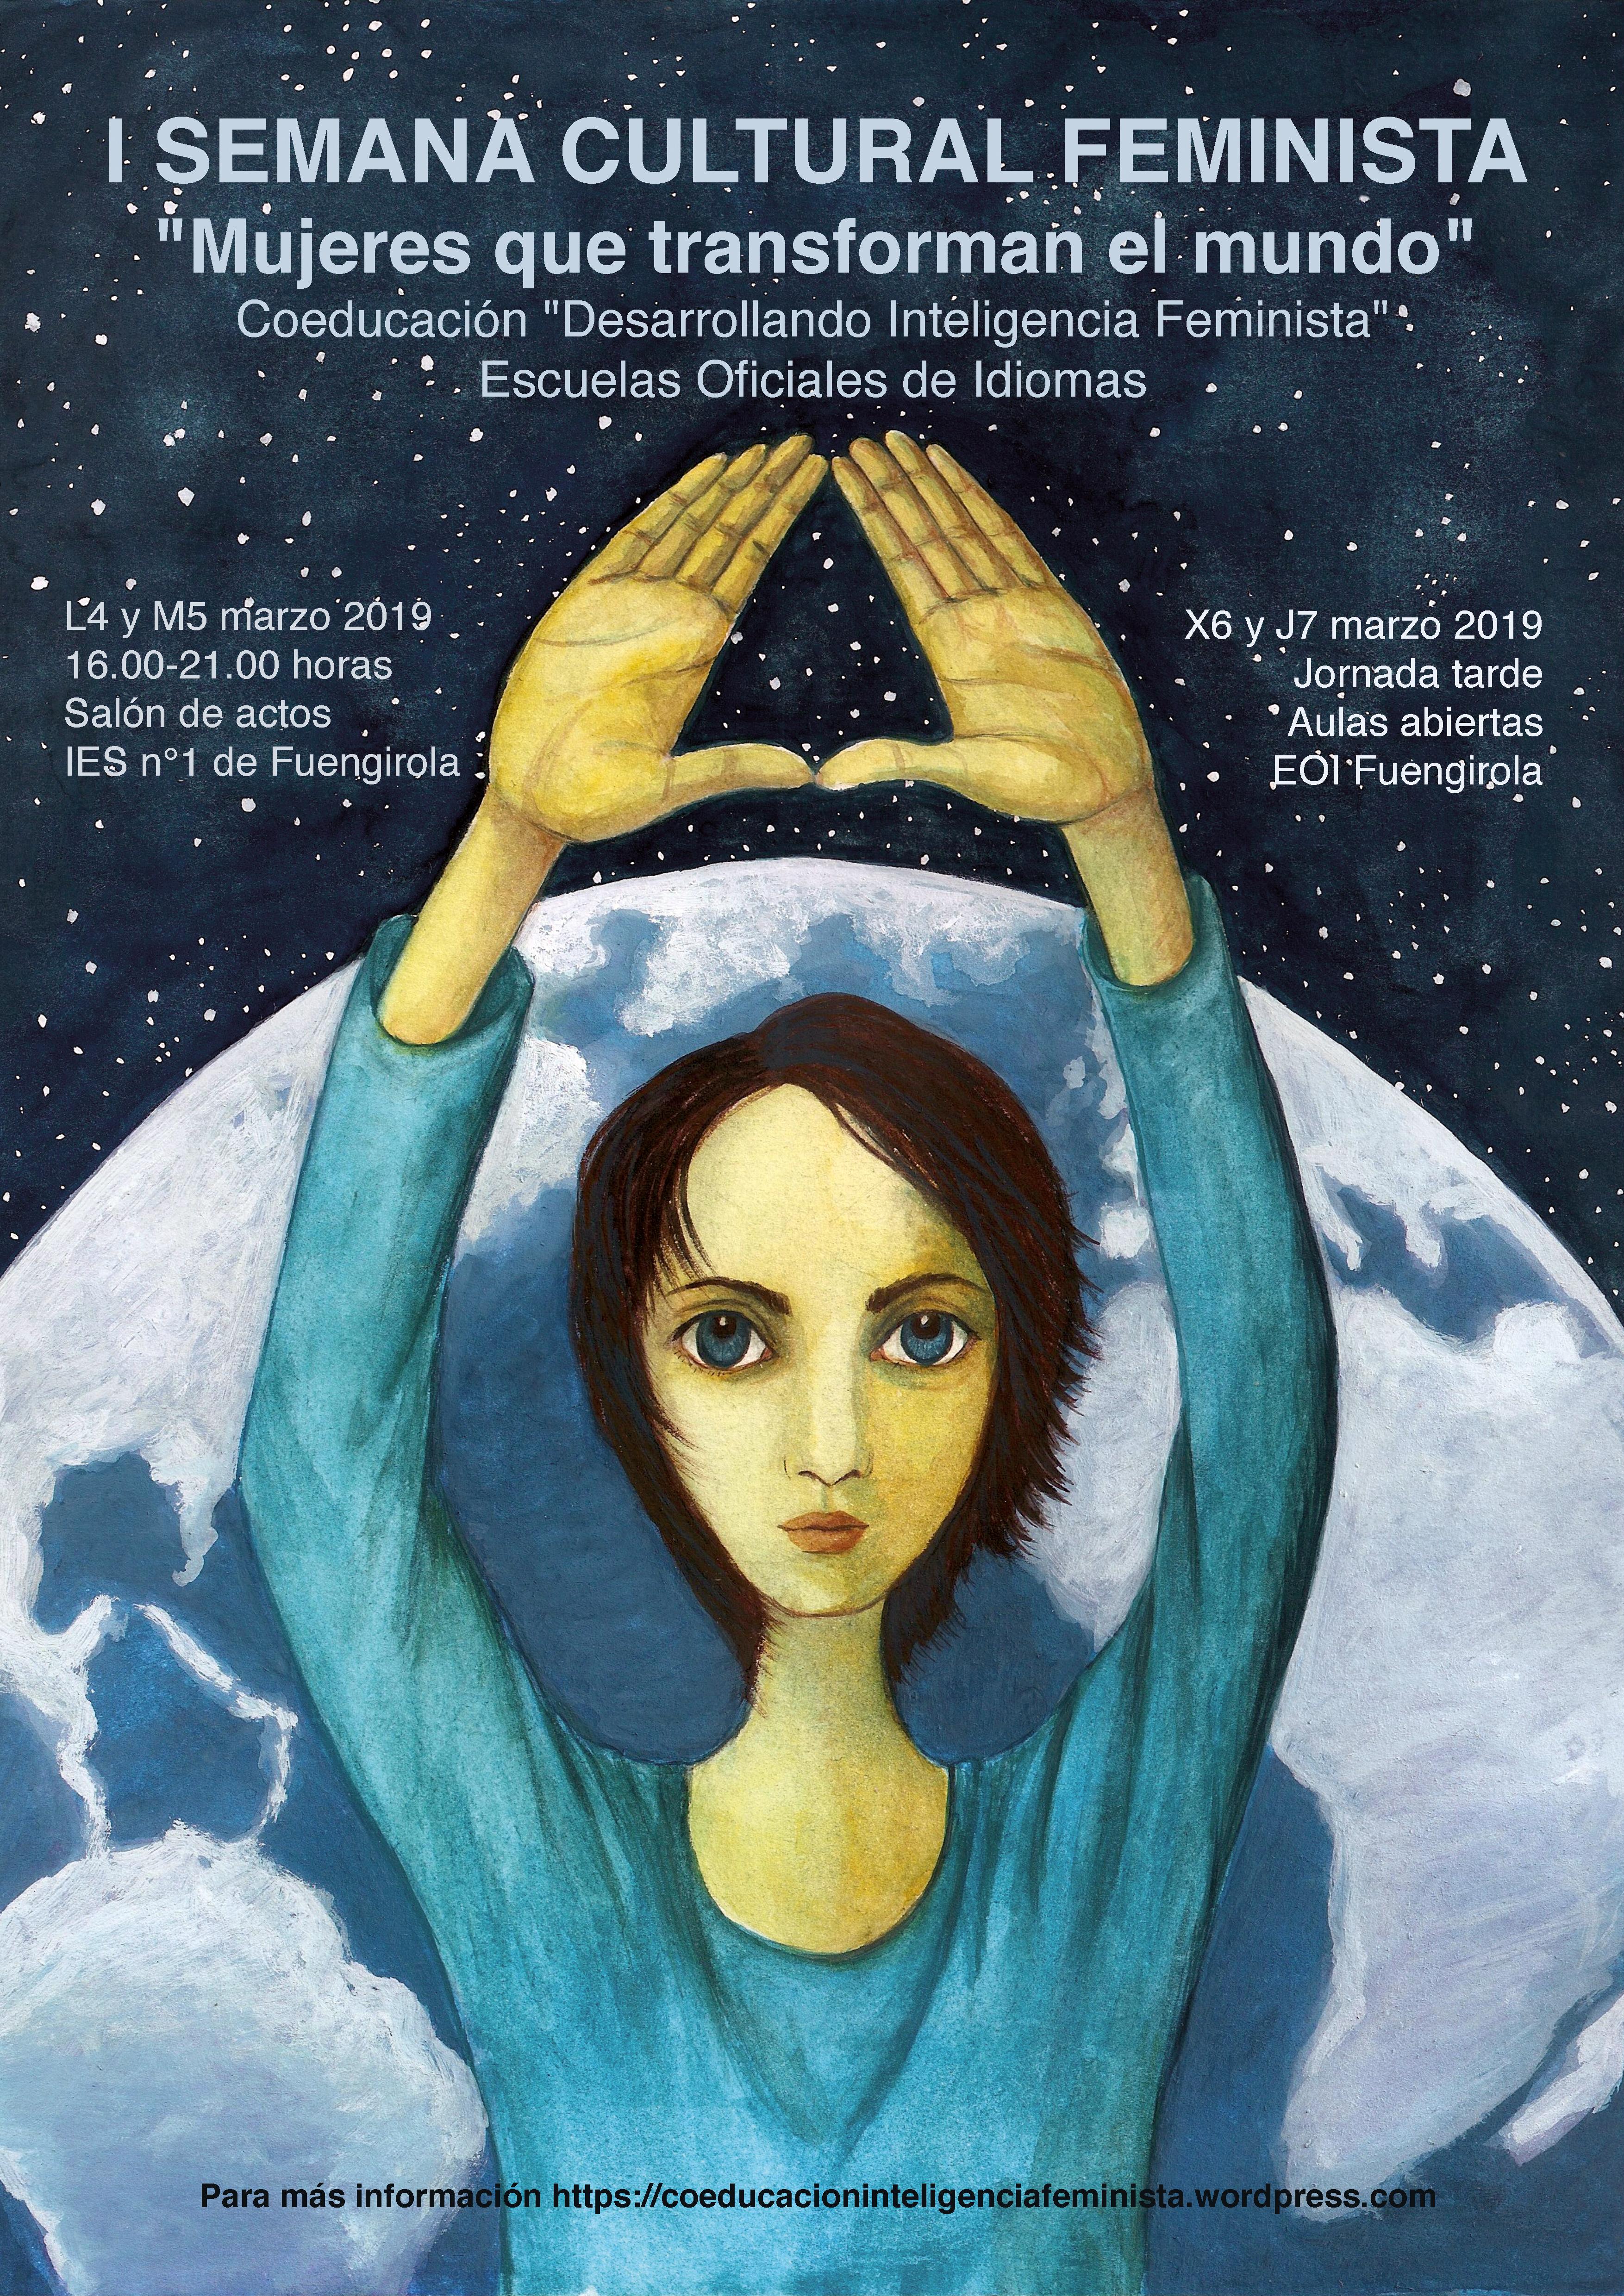 Cartel I Semana Cultural Feminista